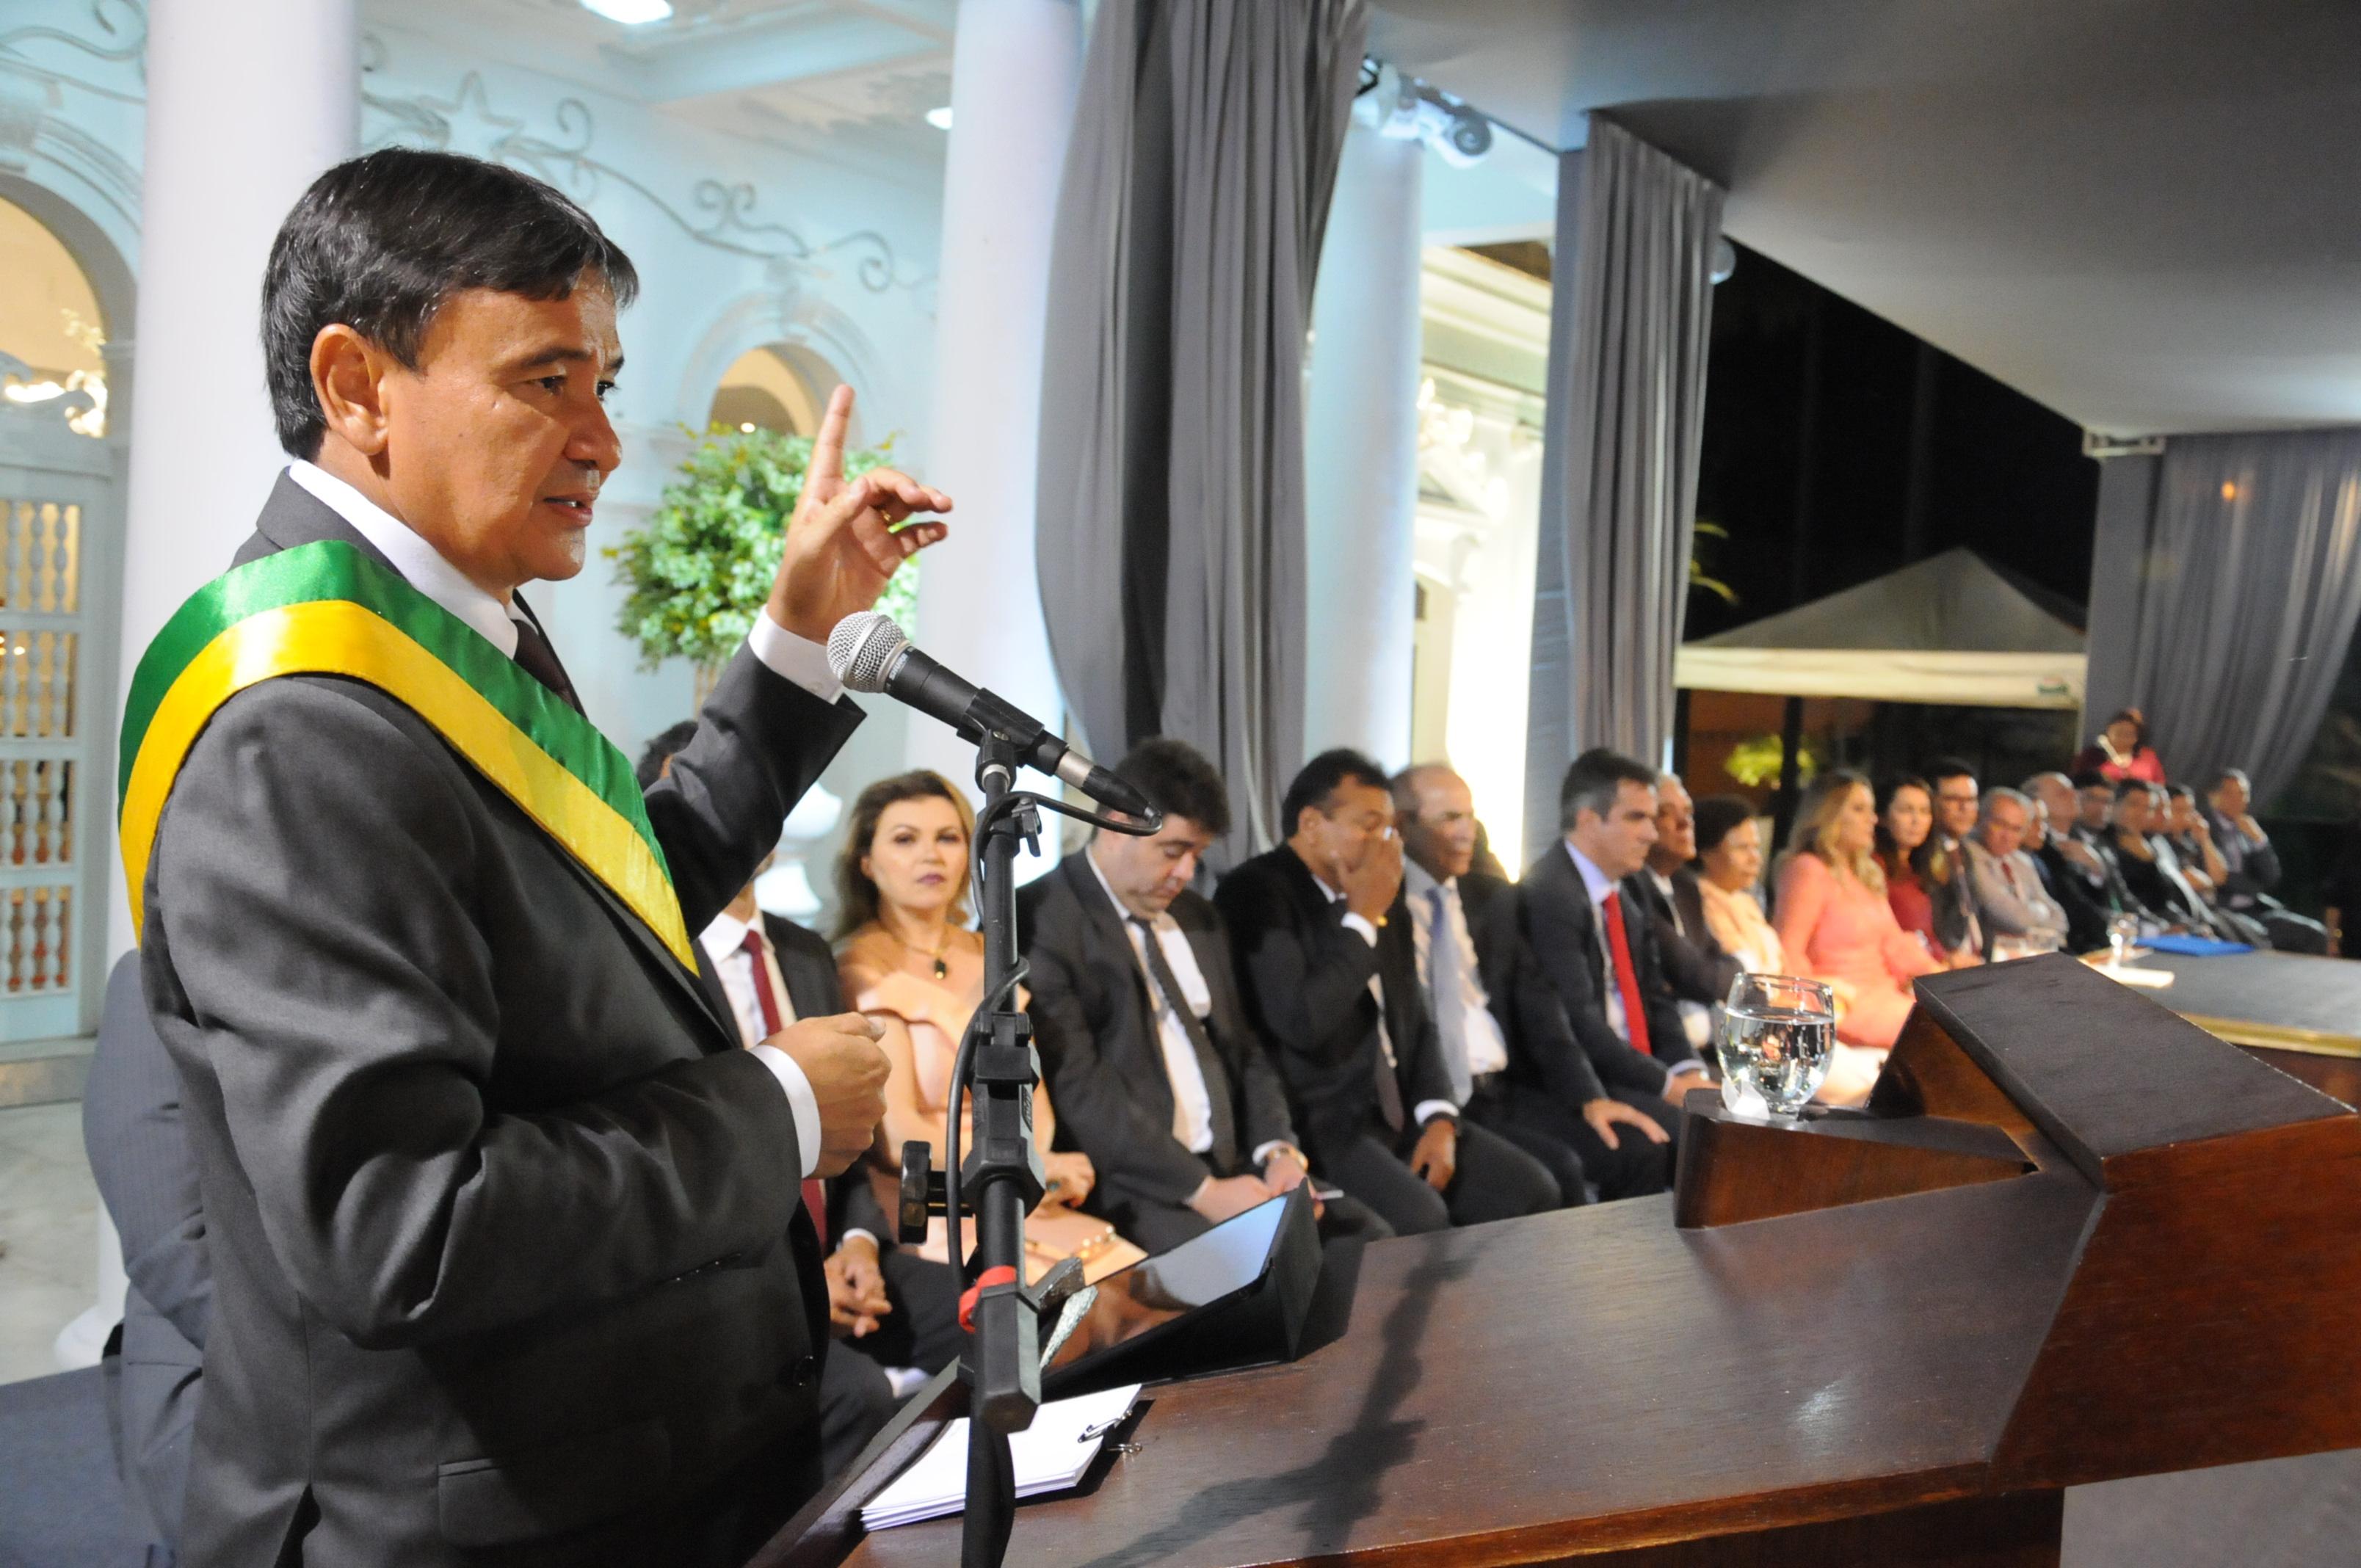 Governador Wellington Dias sanciona reforma nesta sexta e empossa novos secretários